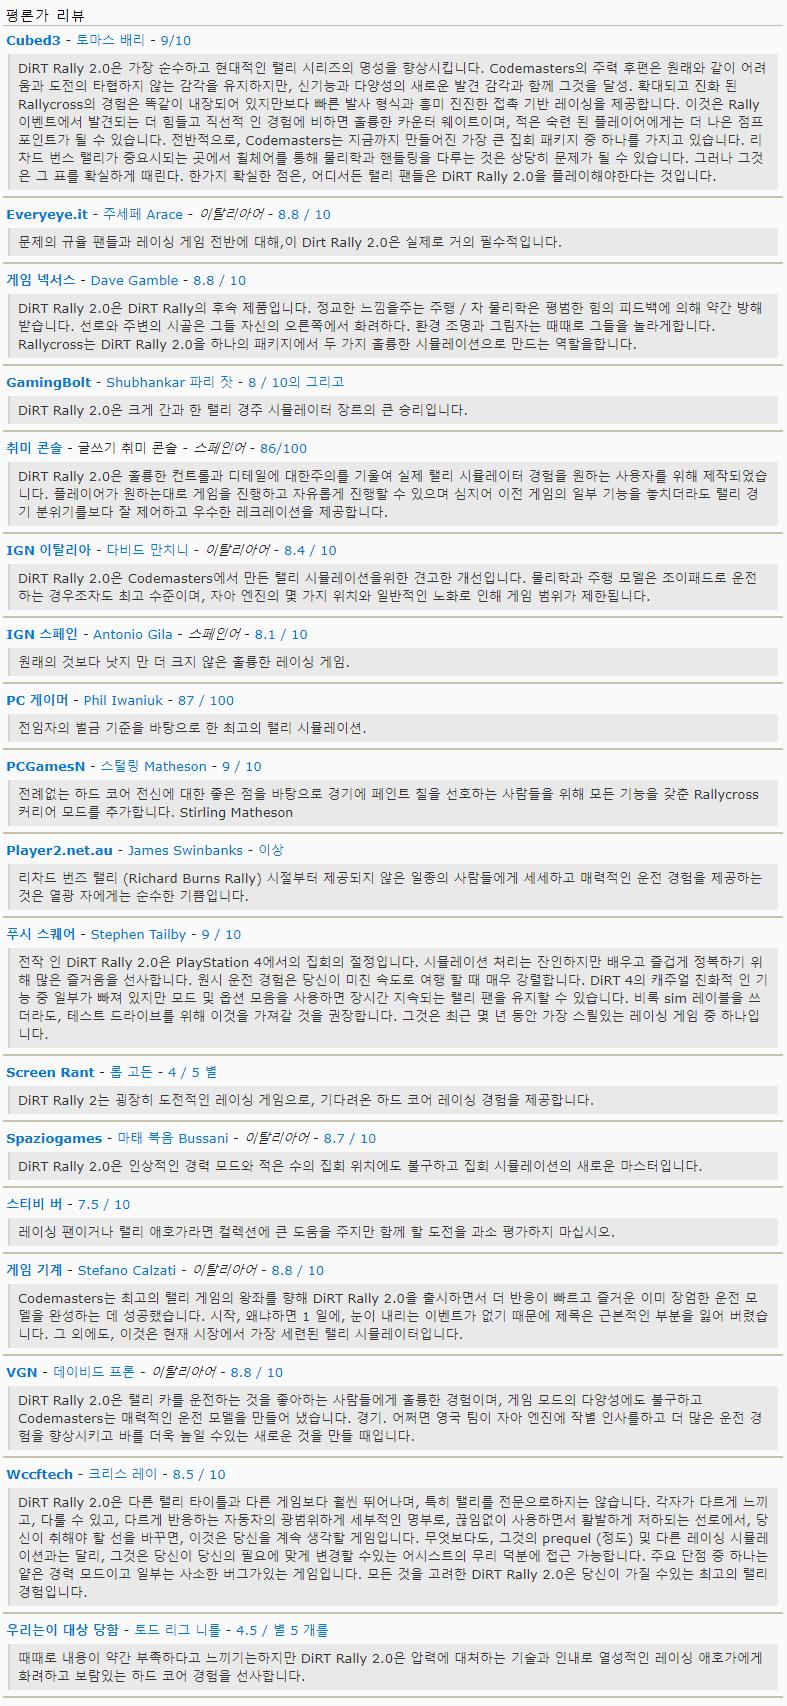 screenshot-www.reddit.com-2019.02.18-23-05-36.png